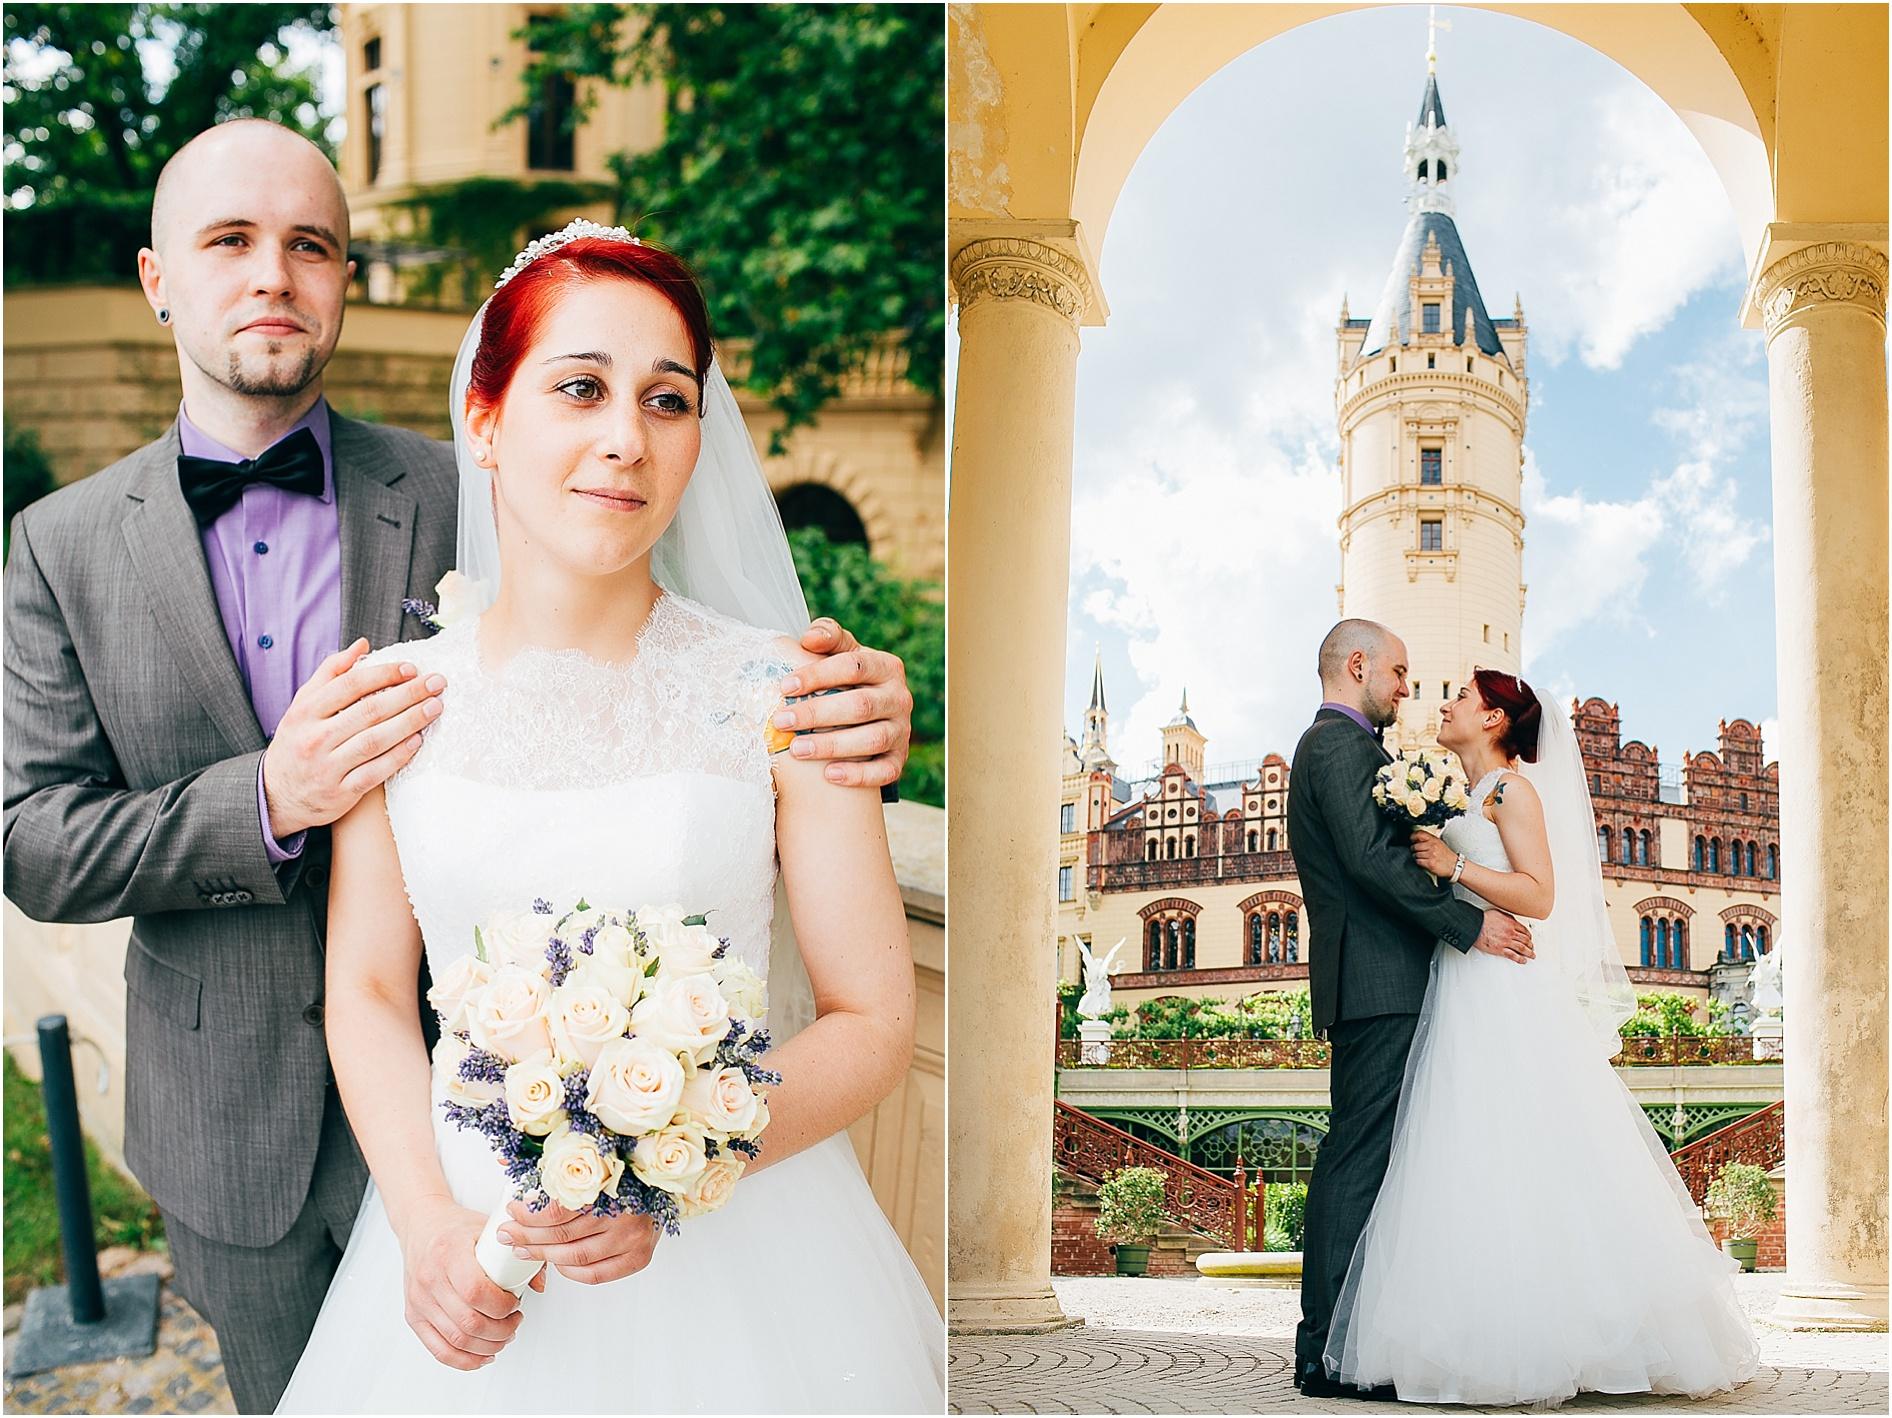 2014-07-22_0058 Sophie & Friedrich Hochzeit am Schweriner Schloss